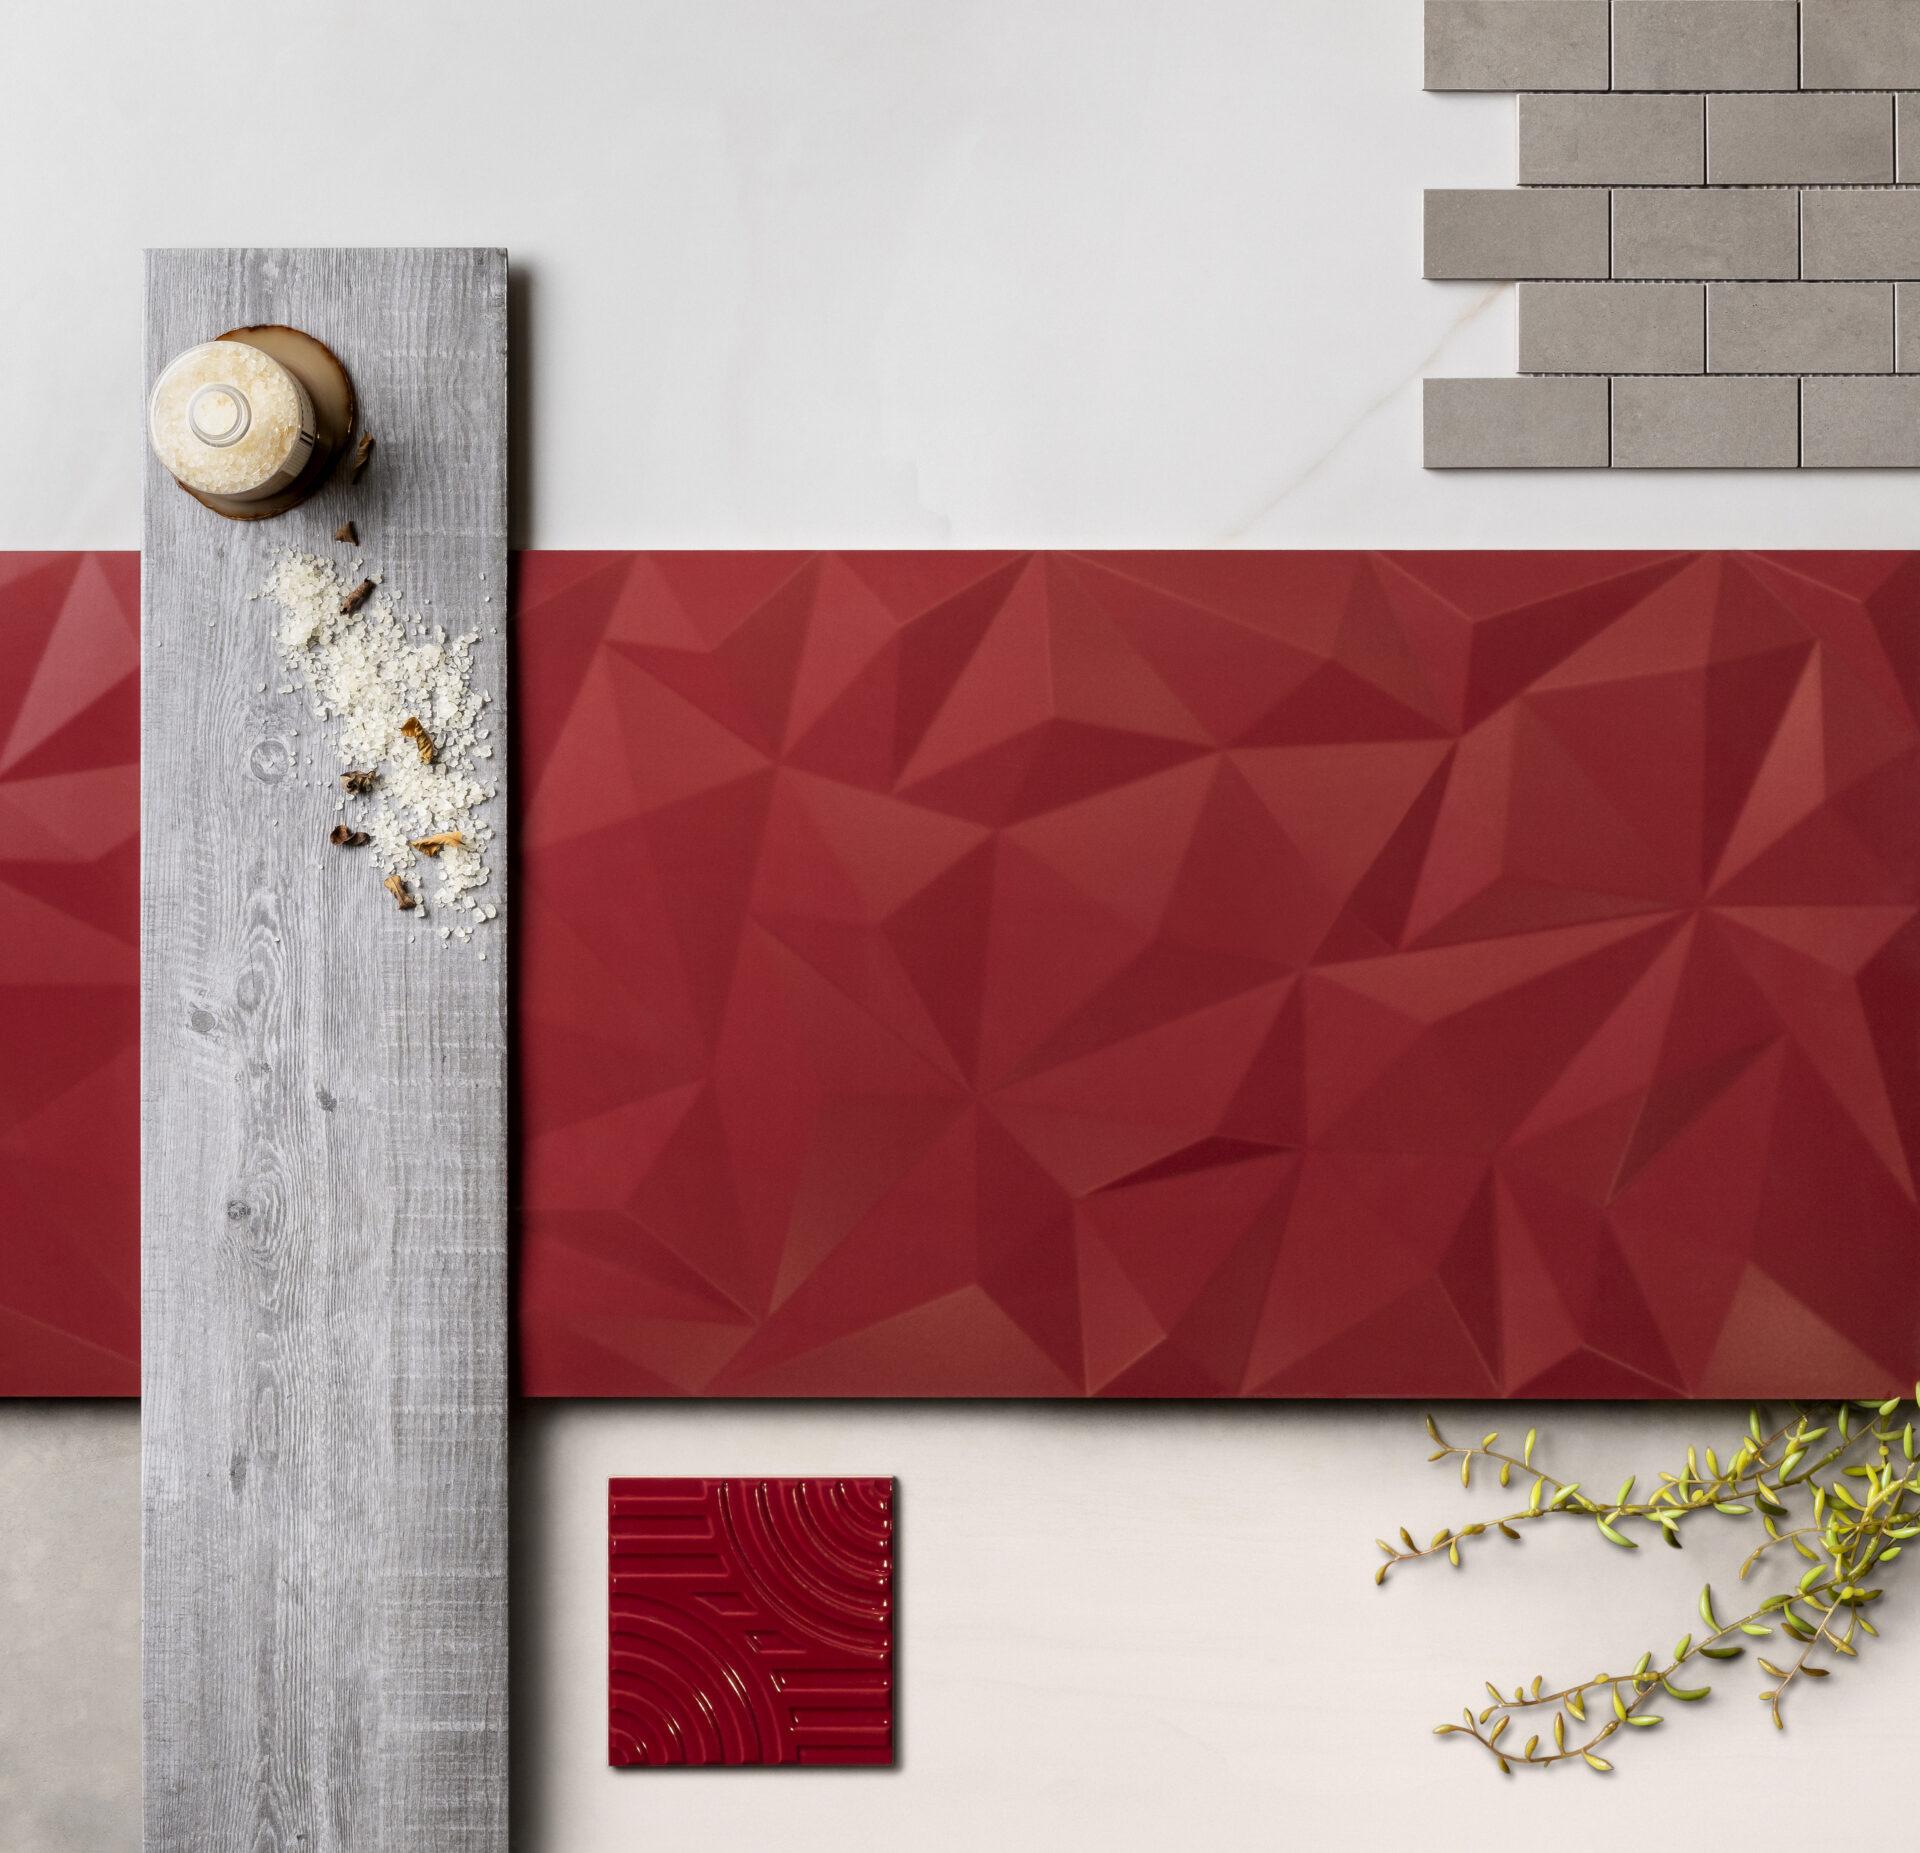 Poligon AC Red 45x120cm | West Red Arch AC 15.5×15,5 cm | Onyx Cristallo 59×118,2cm | Munari T-4000 Graffiti 30x30cm | Safari Fume MA 19.5×91,2ccm